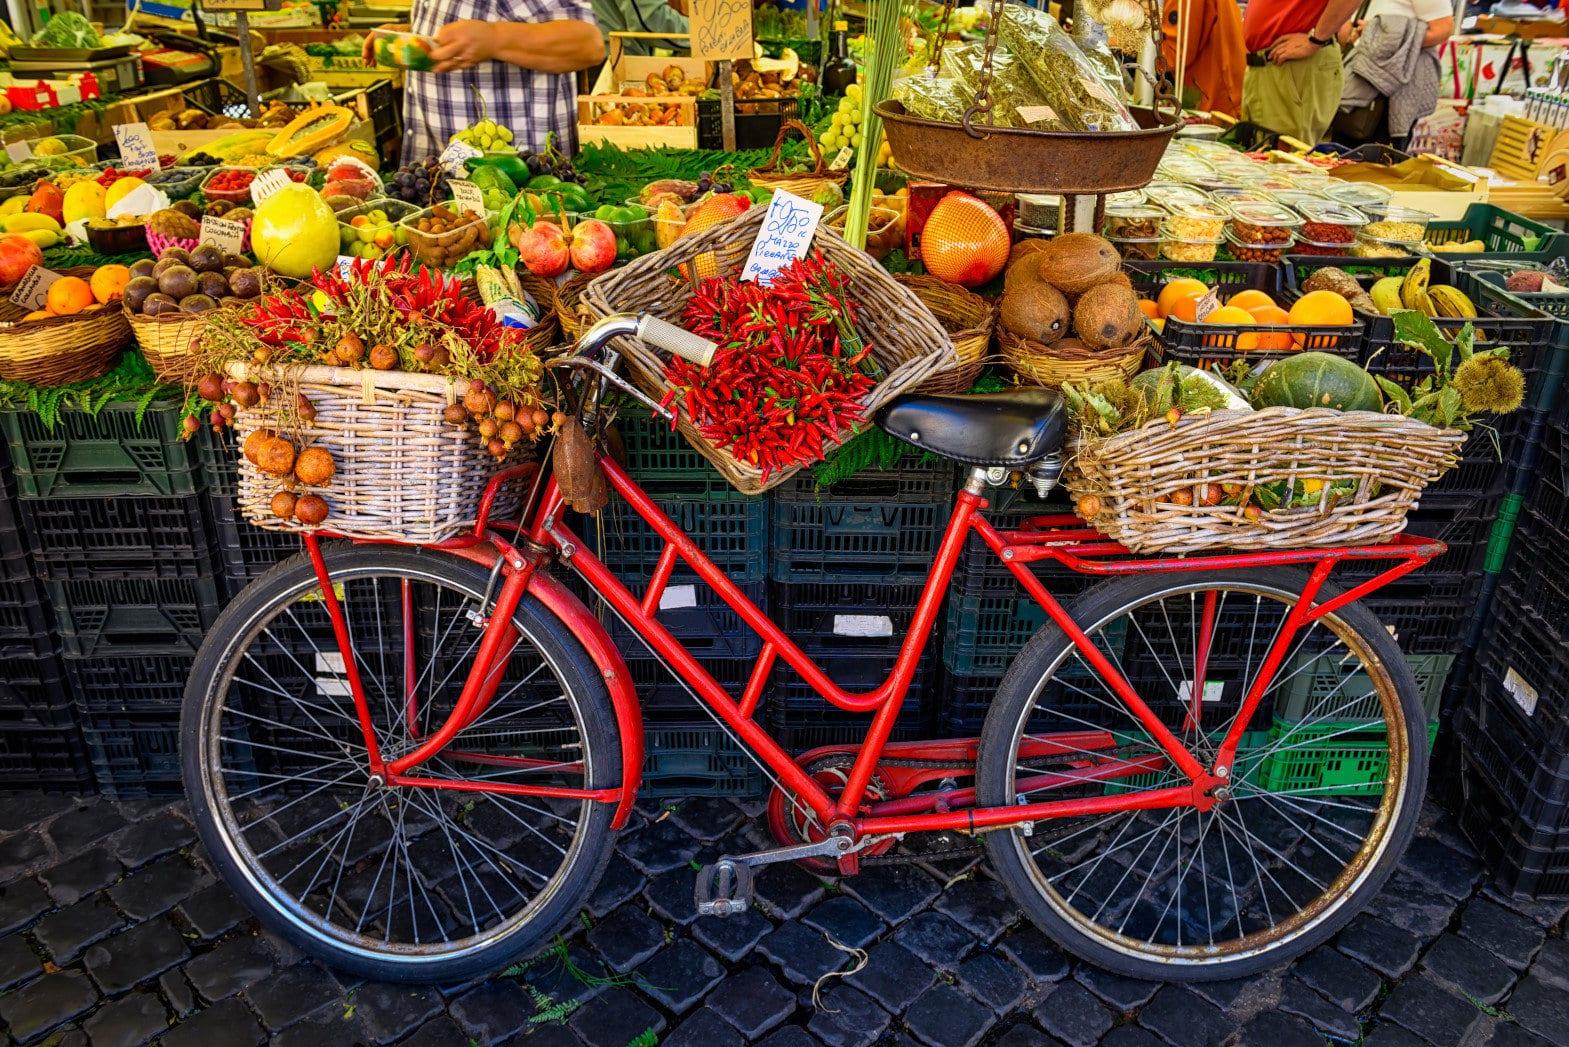 Red old bike in market on Campo di Fiori, Rome, Italy. Rome market on Piazza Campo di Fiori is landmark of Rome.